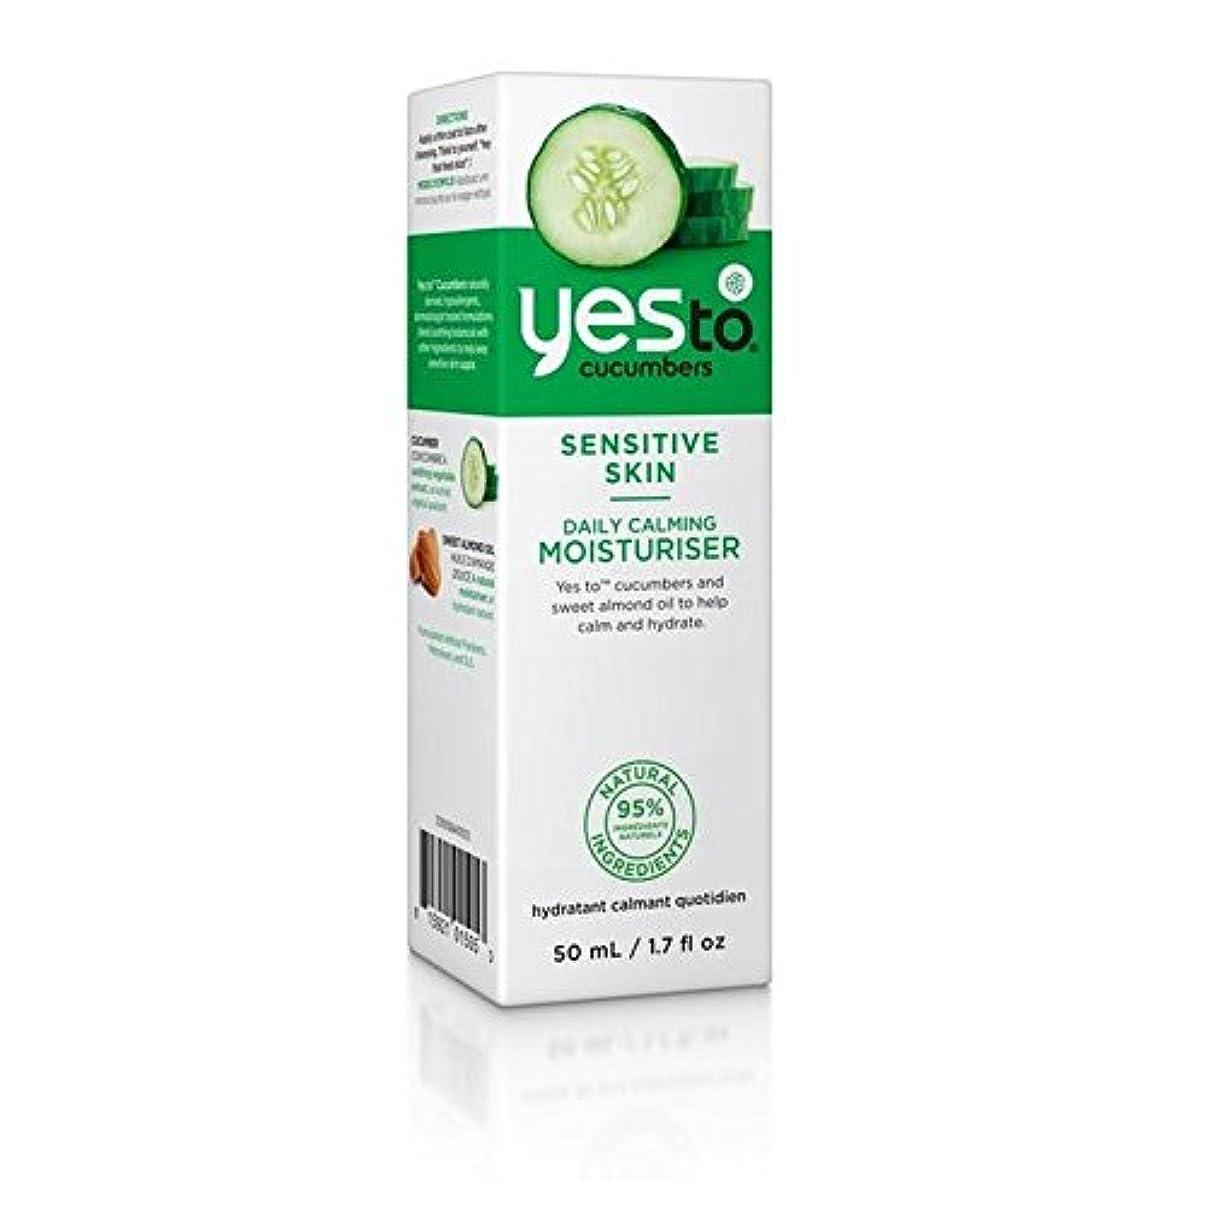 呼吸する吸収剤ランドリーはいキュウリ保湿50ミリリットルへ x4 - Yes to Cucumbers Moisturiser 50ml (Pack of 4) [並行輸入品]